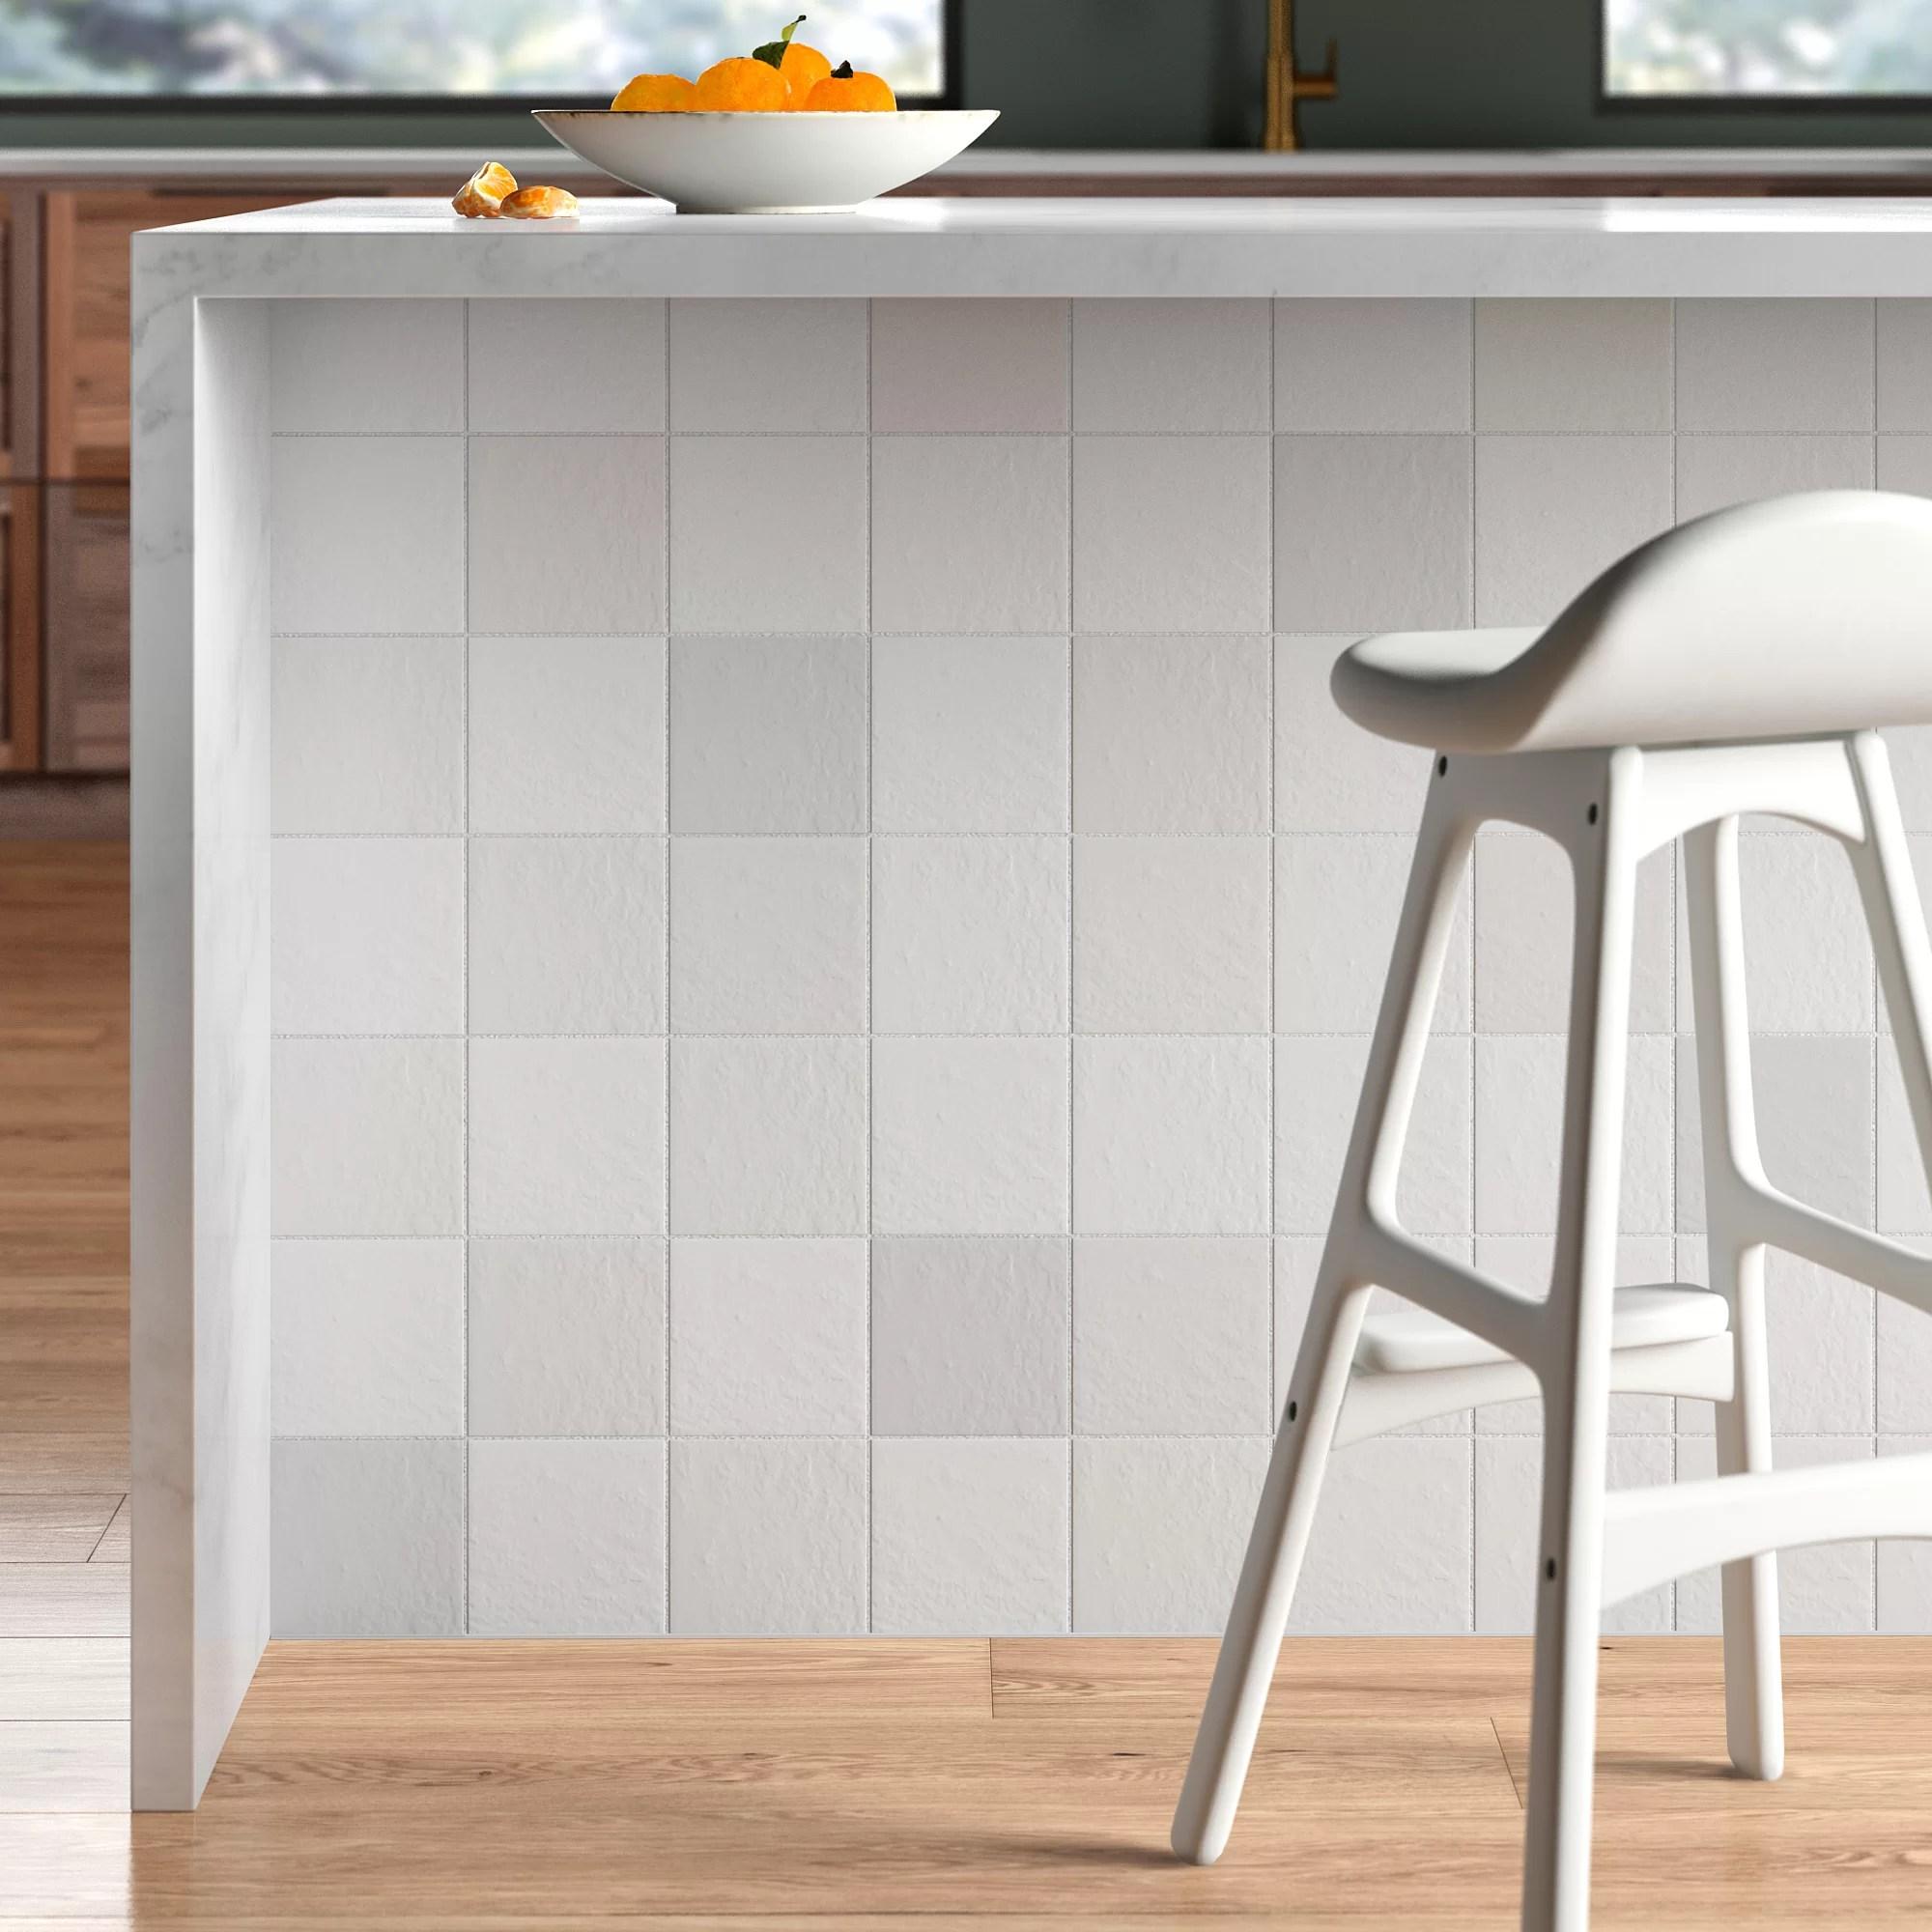 daniels 5 x 5 ceramic mosaic tile